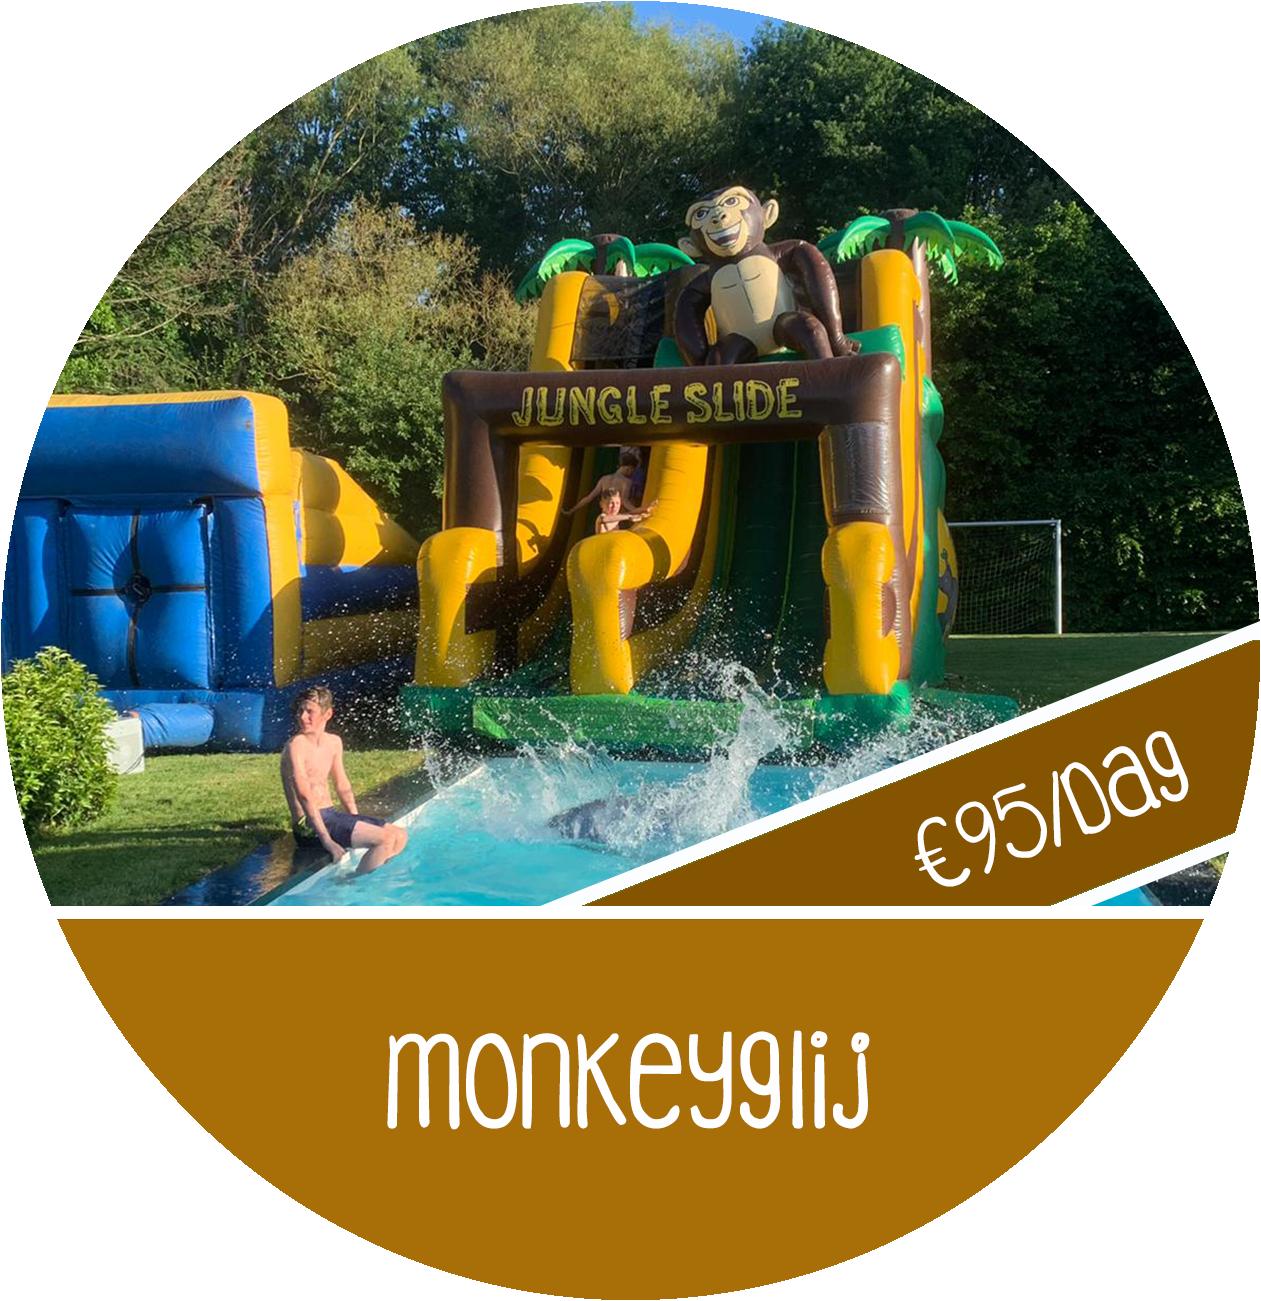 monkeyglij.png